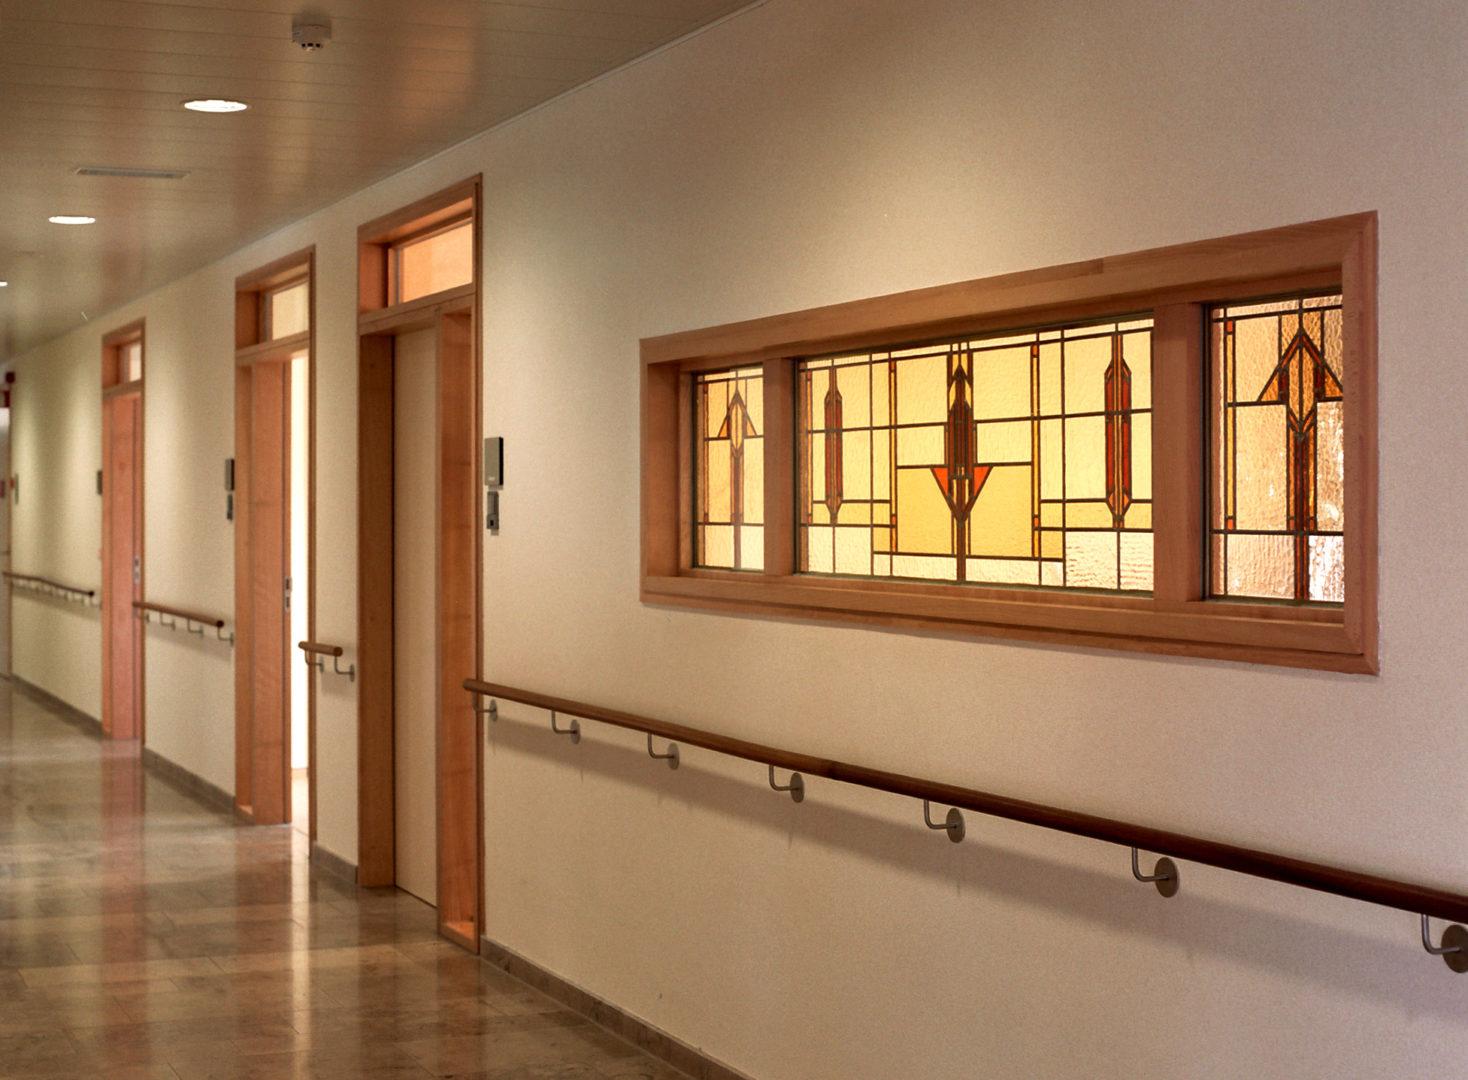 Decoratief glas-in-lood, Ziekenhuis. Ontwerp: Ingrid Meyvaert © Dirk Antrop